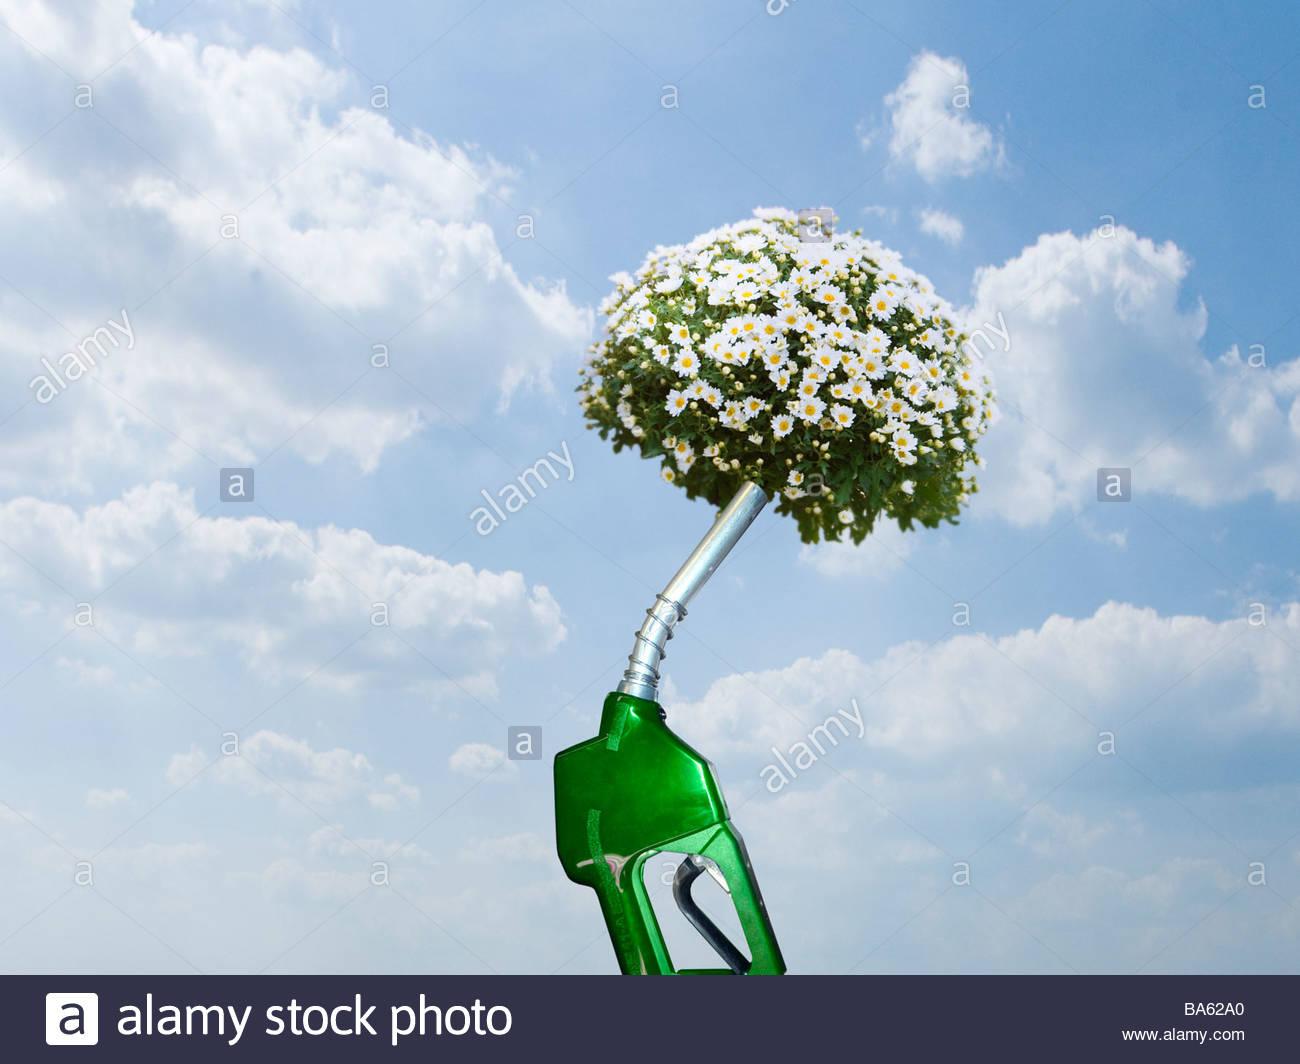 Grüne Zapfsäule mit blühenden Pflanze am Ende der Düse Stockbild